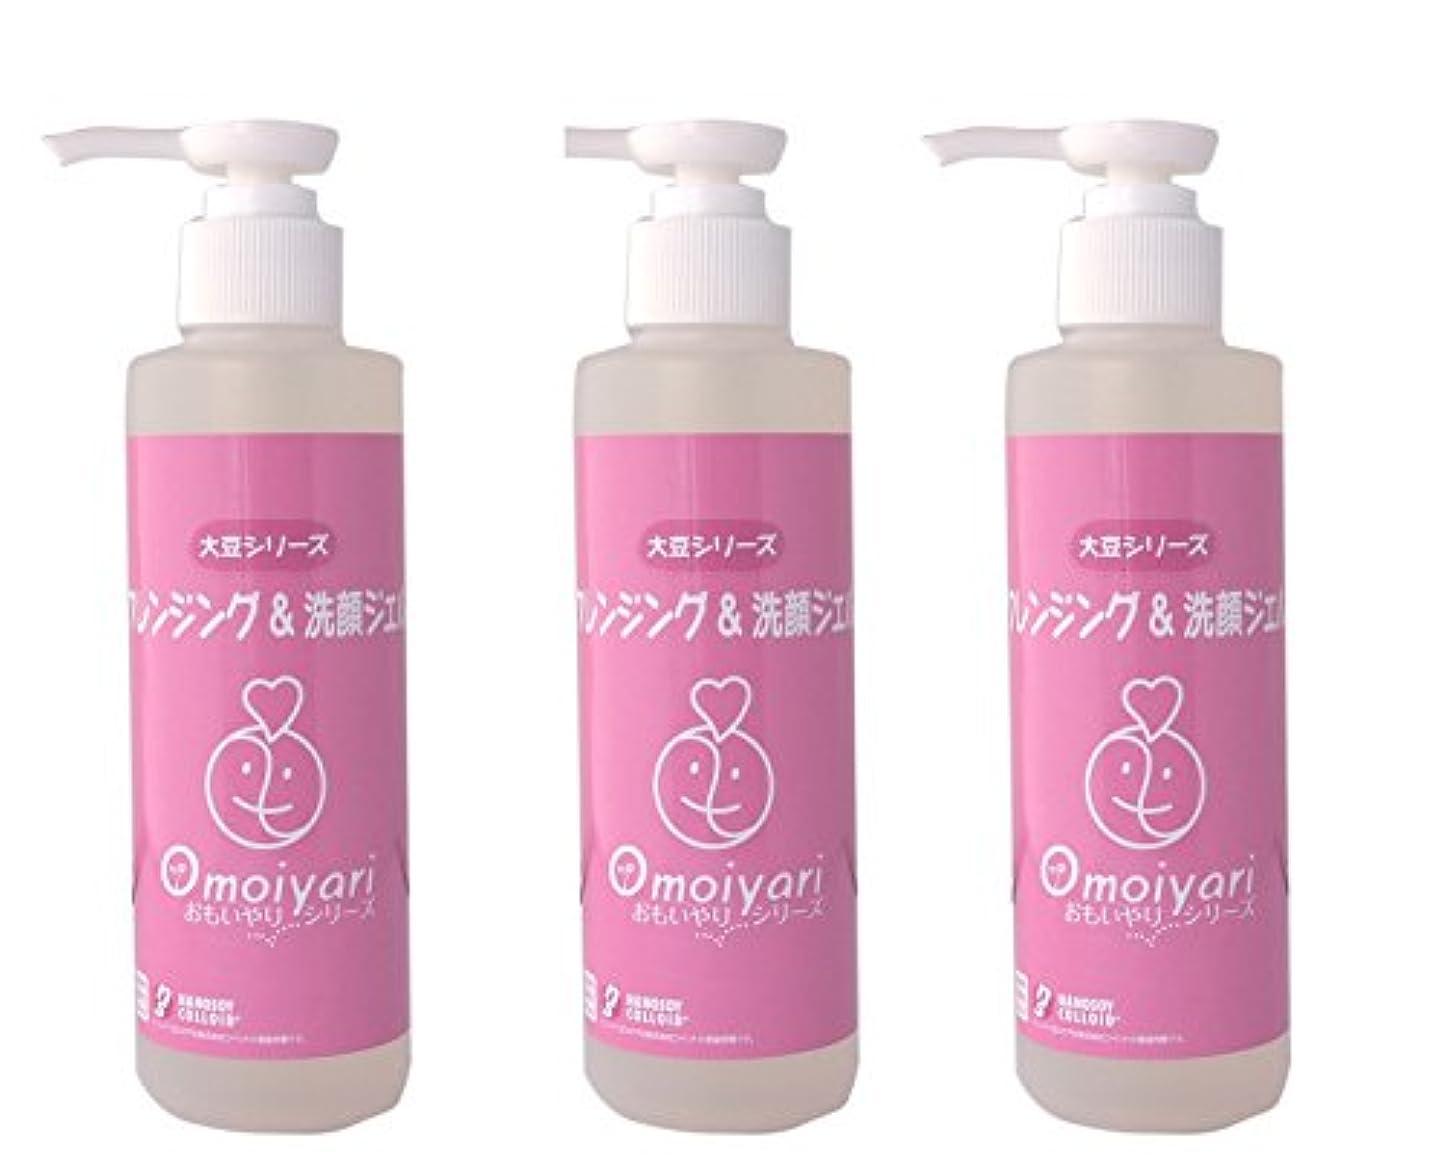 一致広告主類似性おもいやりシリーズ 大豆でできたクレンジング&洗顔ジェル 200ml×3本